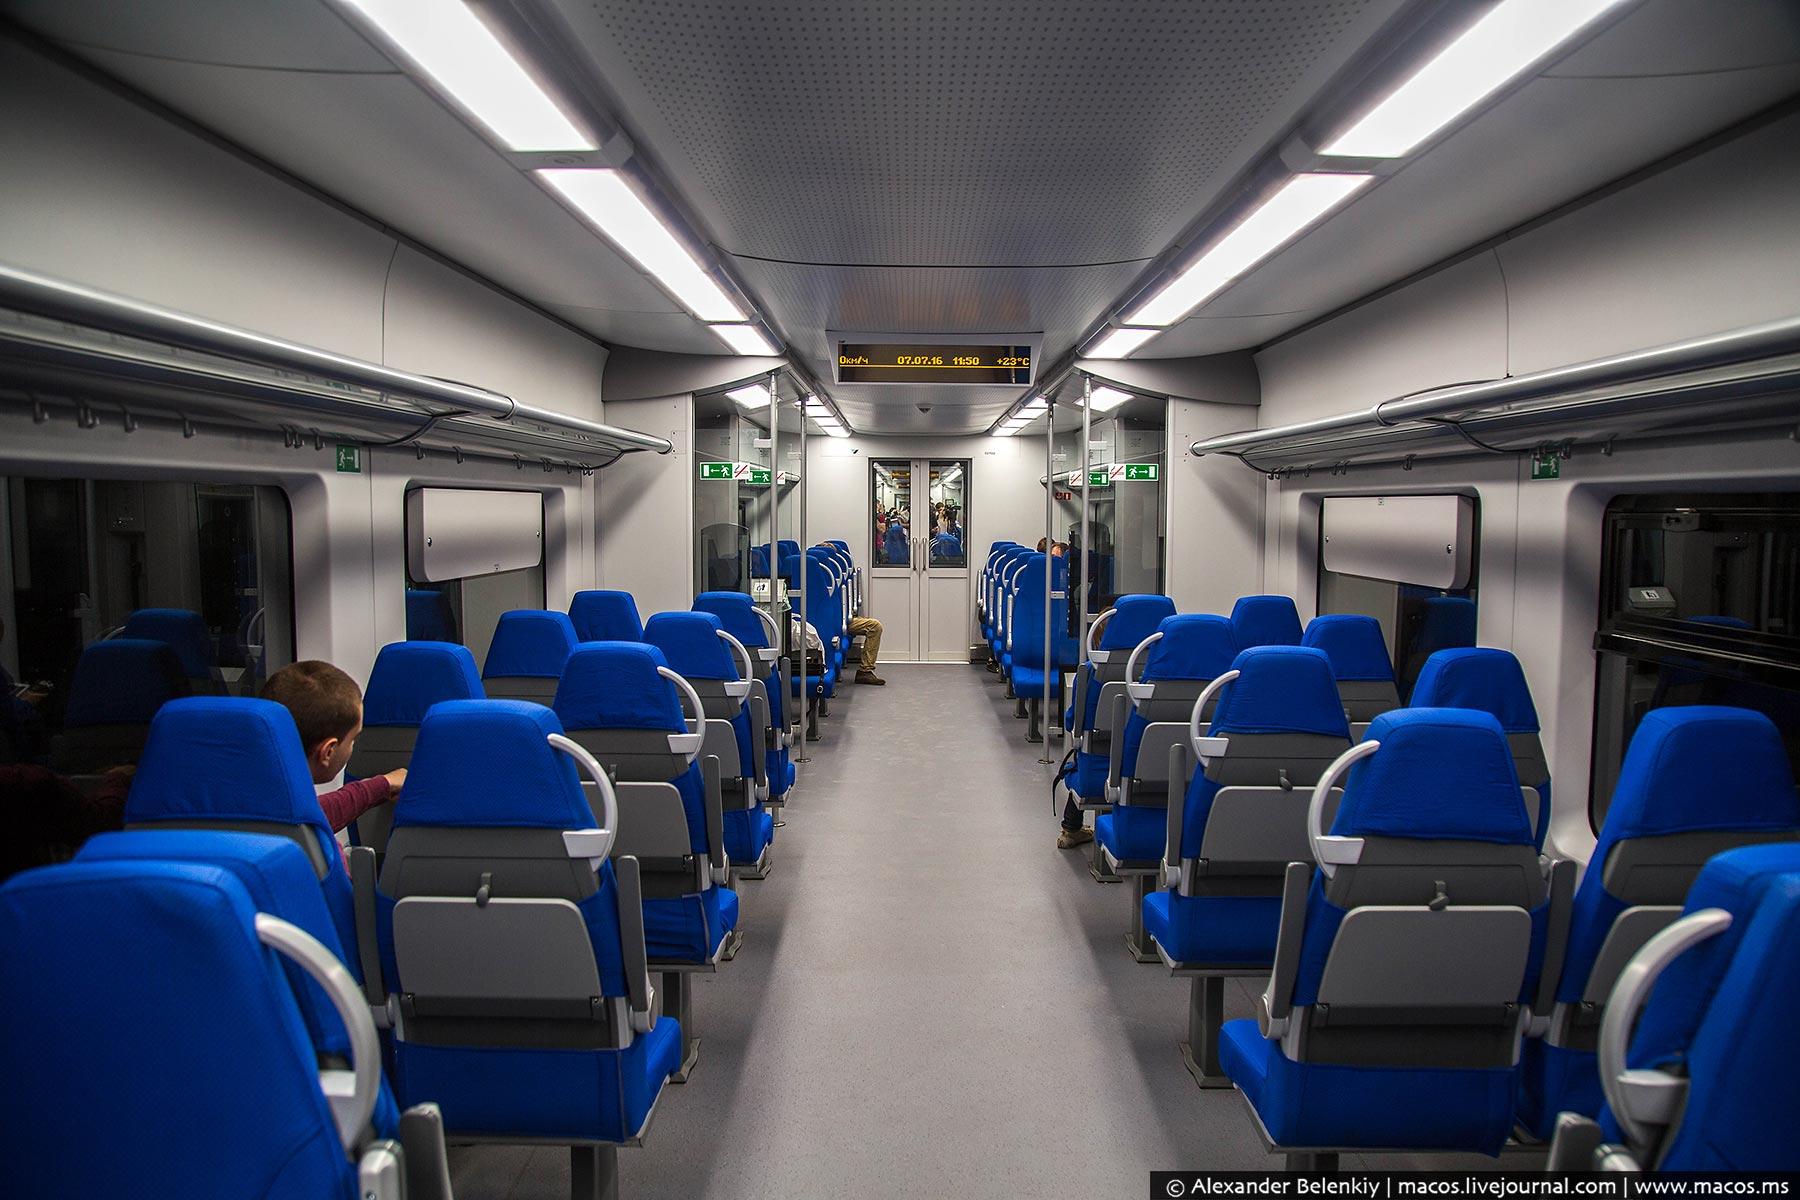 картинки поезда ласточки внутри картинки призыв никто откликнулся